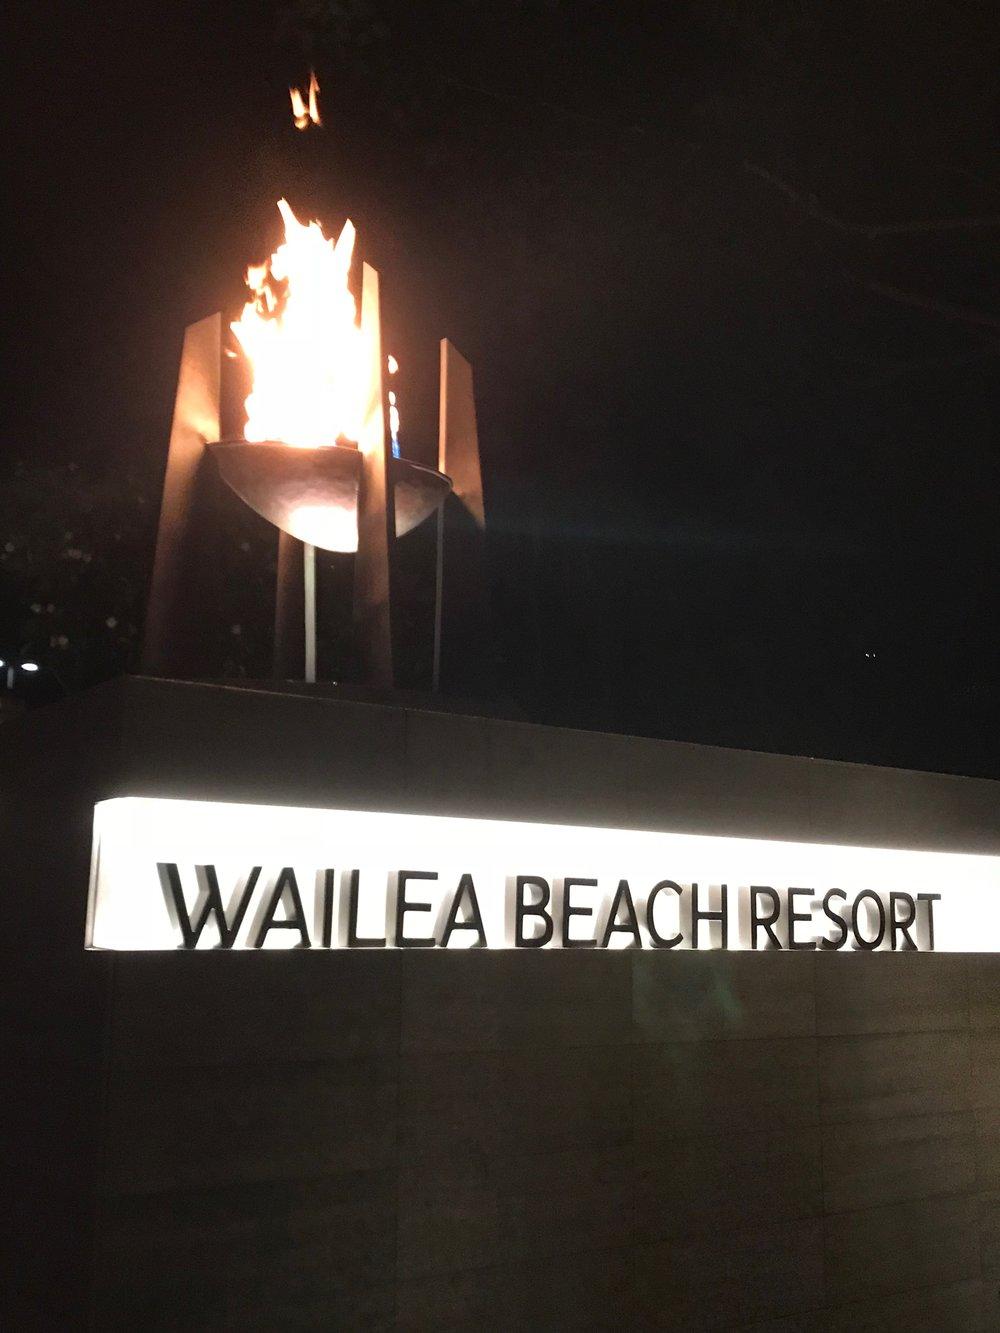 Wailea Beach Resort w torch night.jpg*.jpg